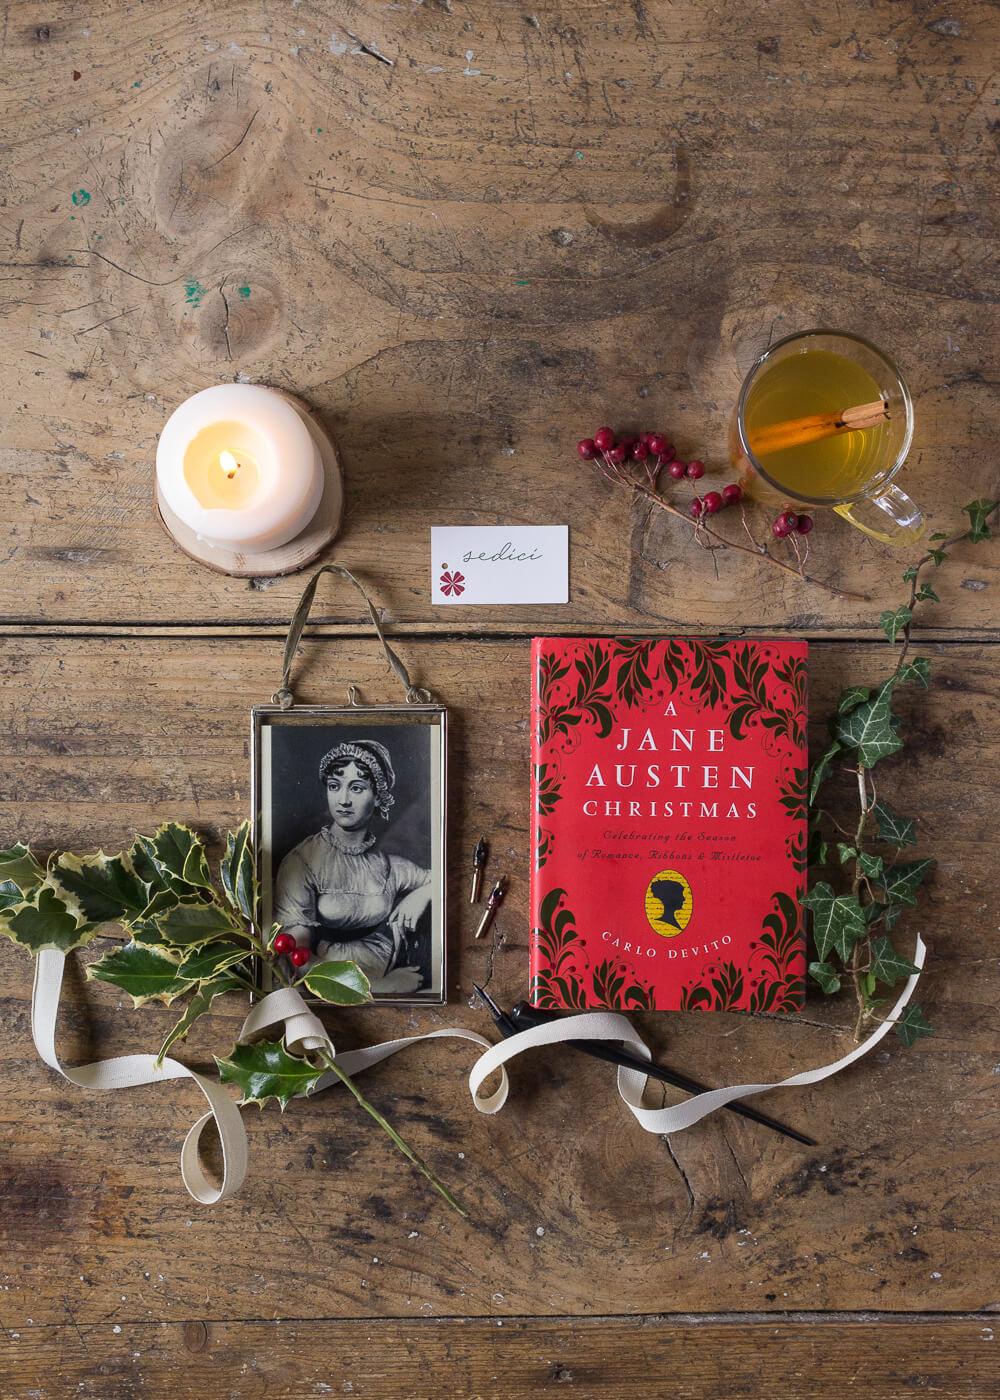 Calendario dell'Avvento - Riscoprire le tradizioni del passato - Un Natale di tradizioni - Lily&SageDesign